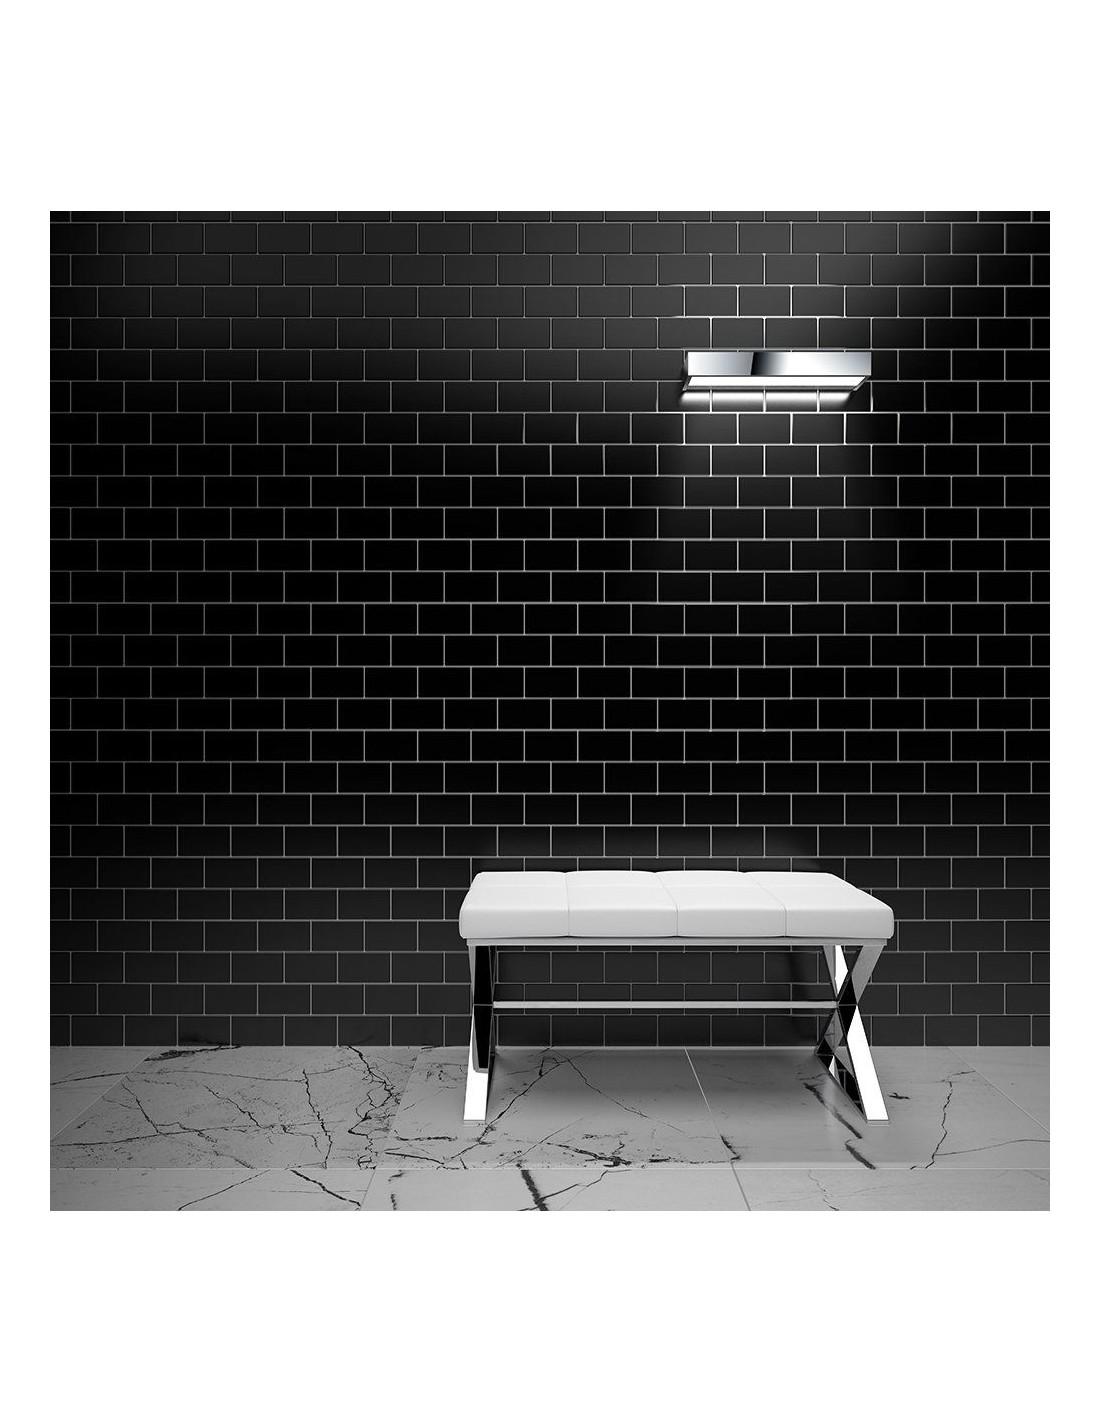 Banc de sale de bain blanc Valente design decor walther